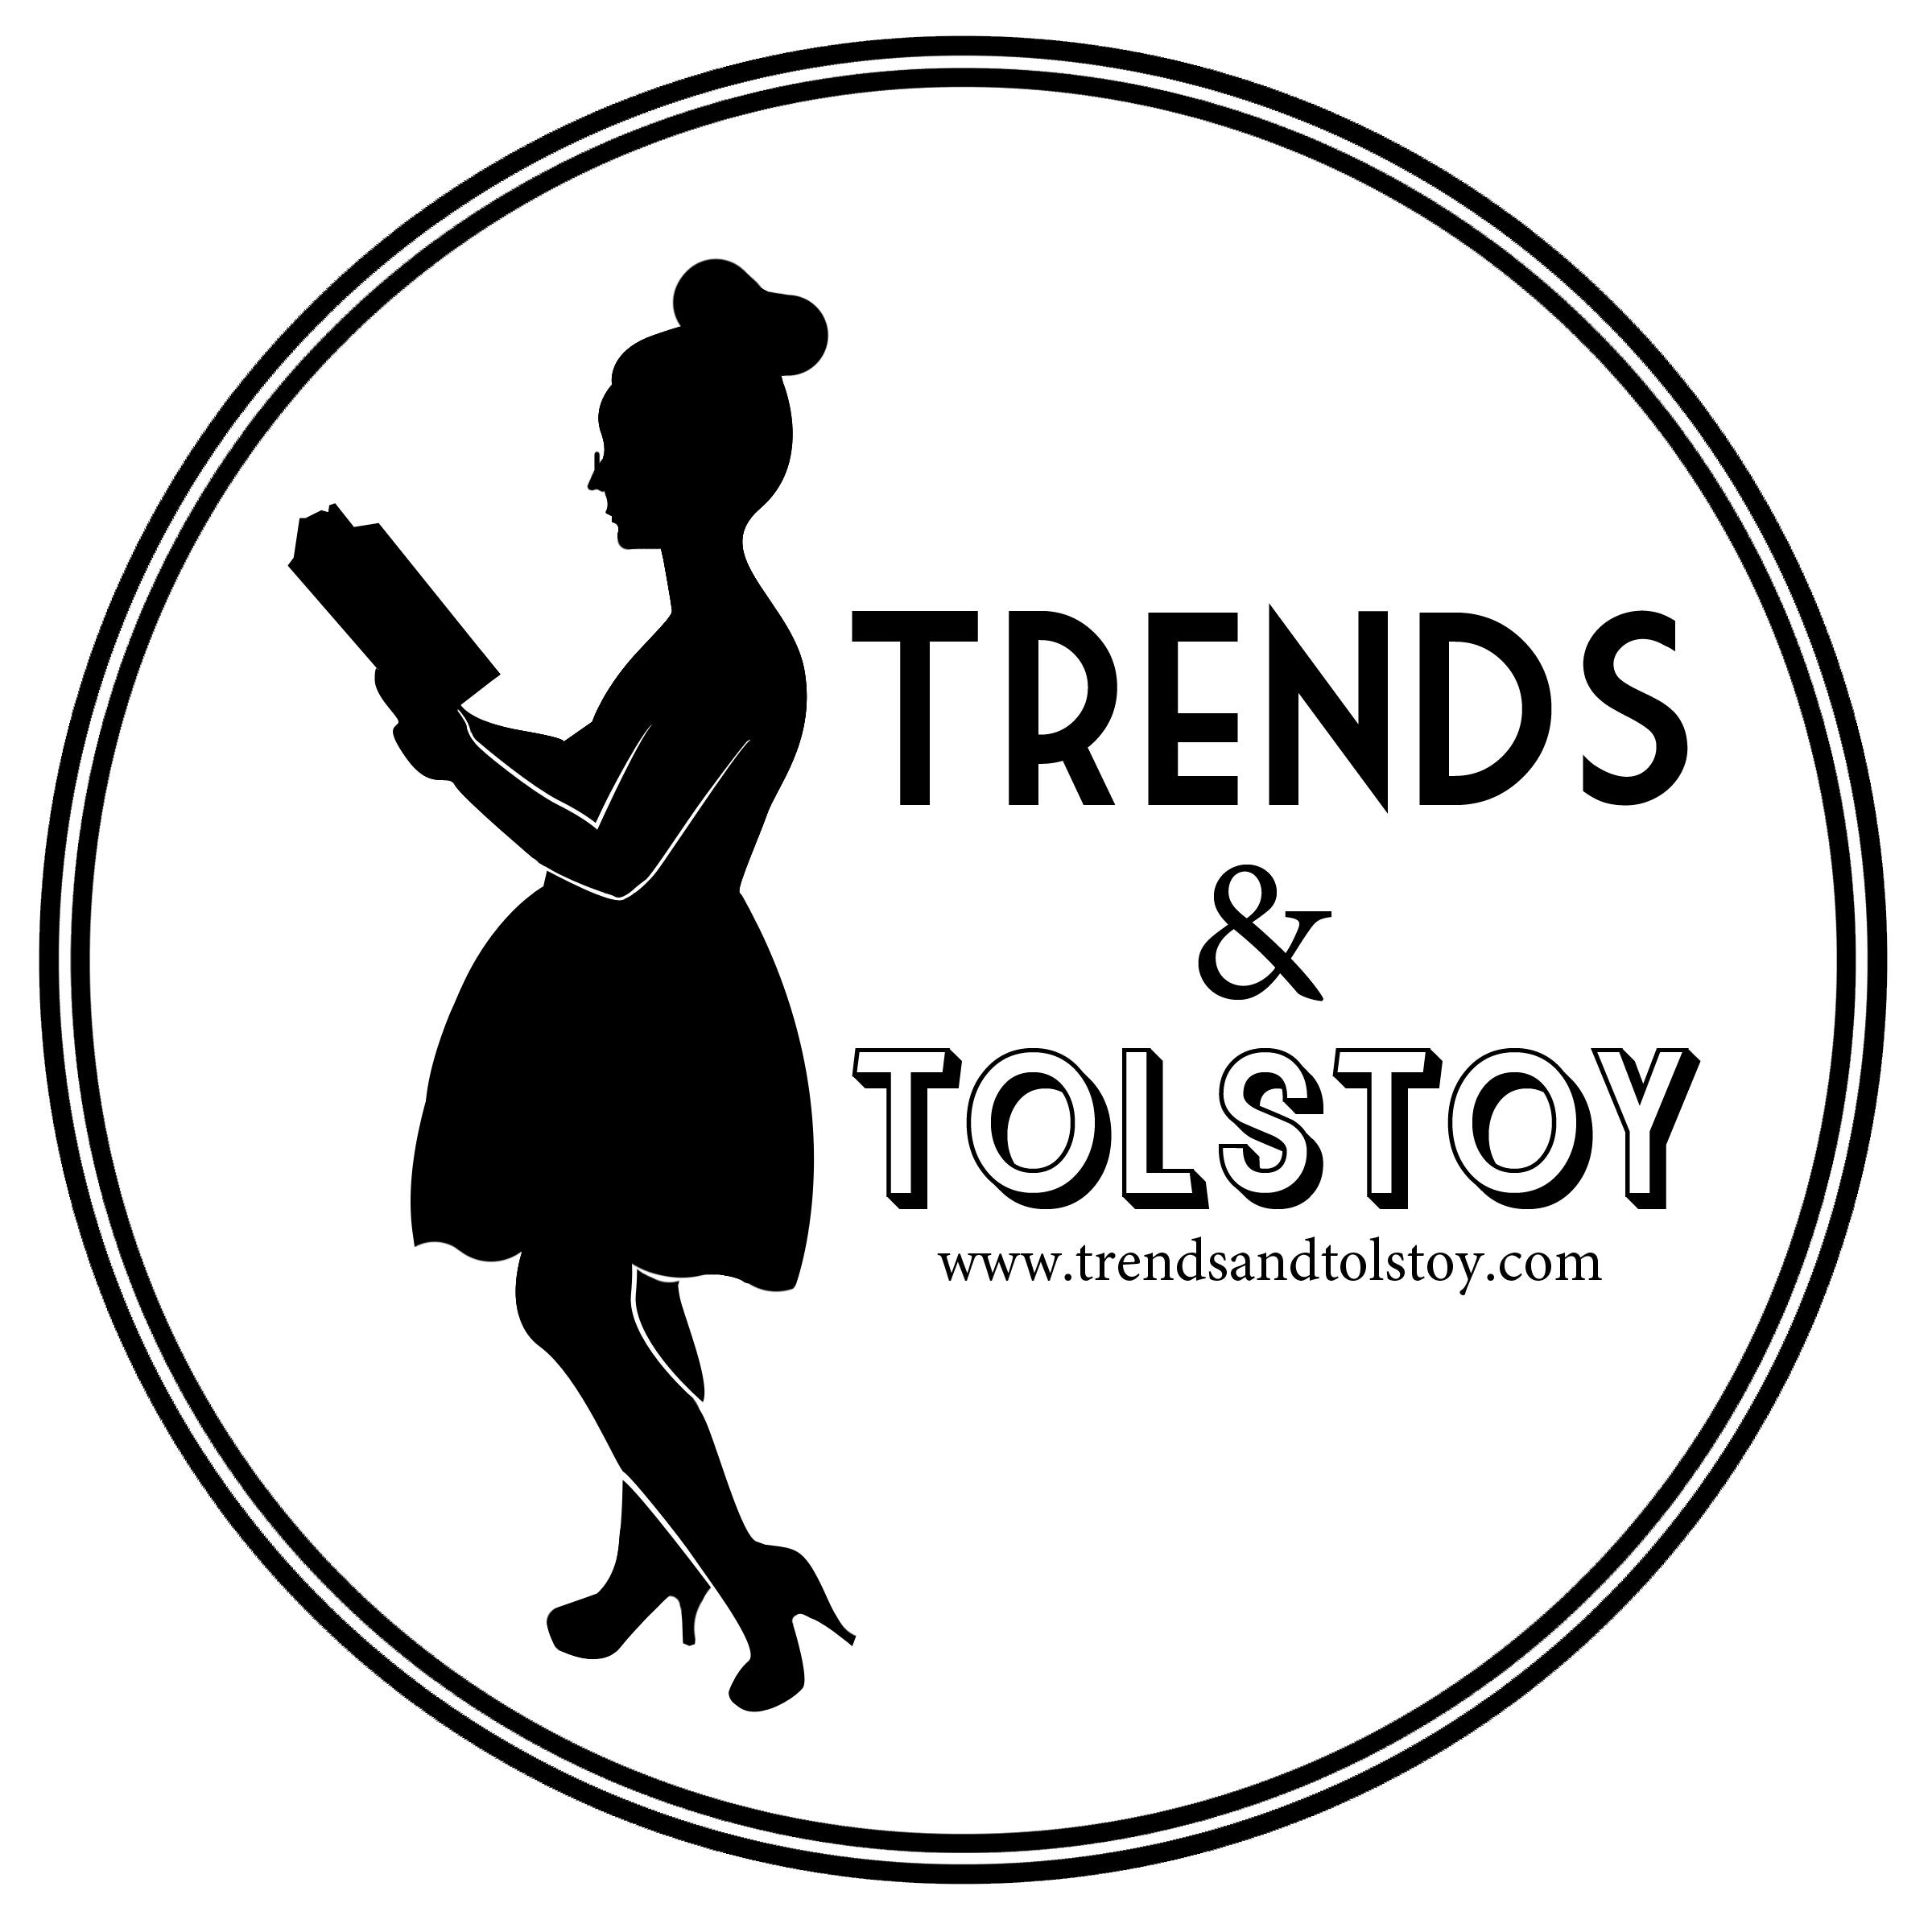 TrendsandTolstoyStickerDesign